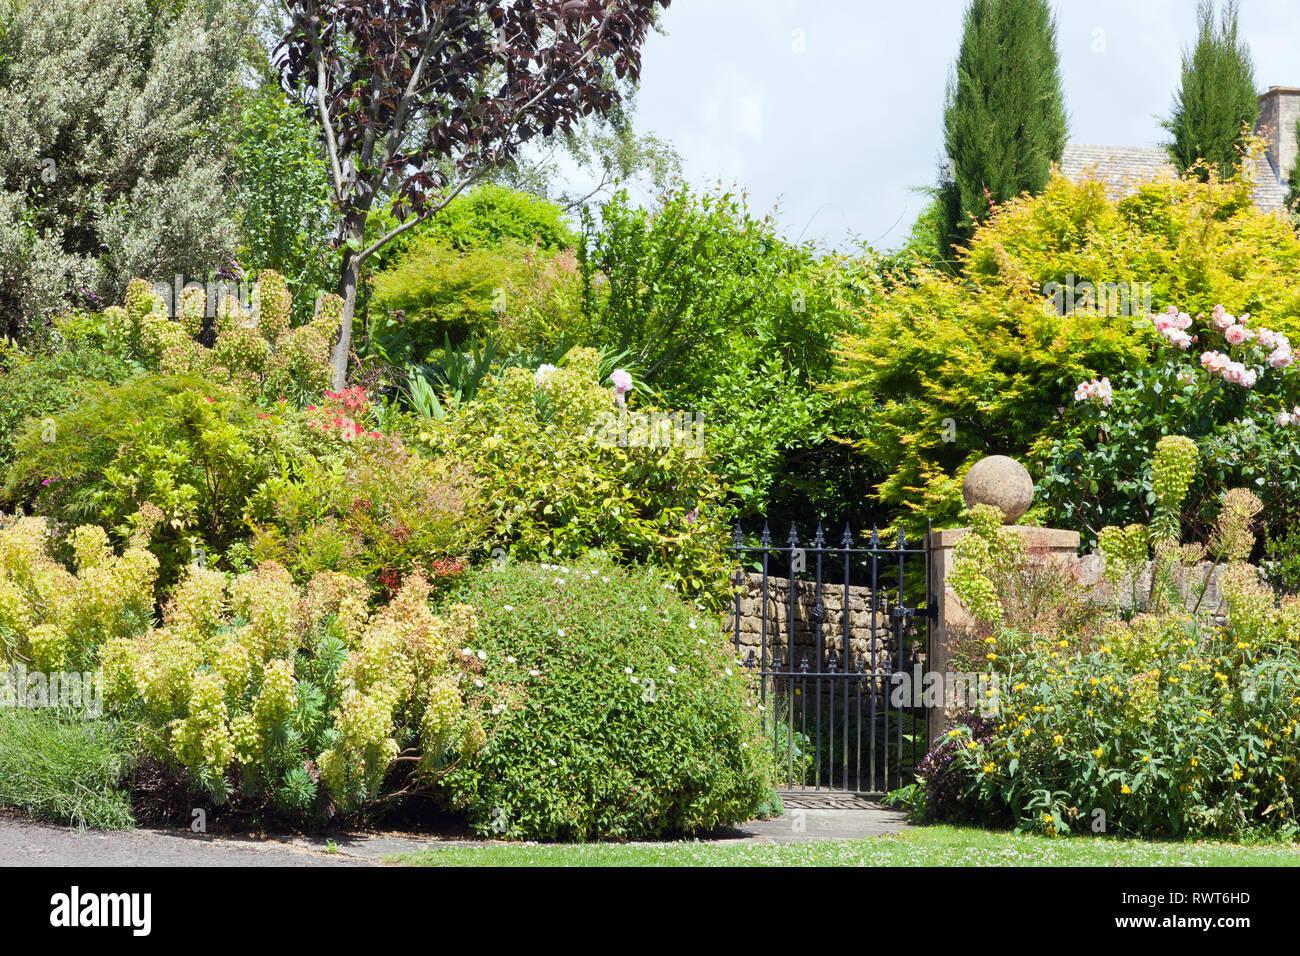 Foto Di Piante Sempreverdi porta di metallo al grazioso giardino in fiore con il rosa